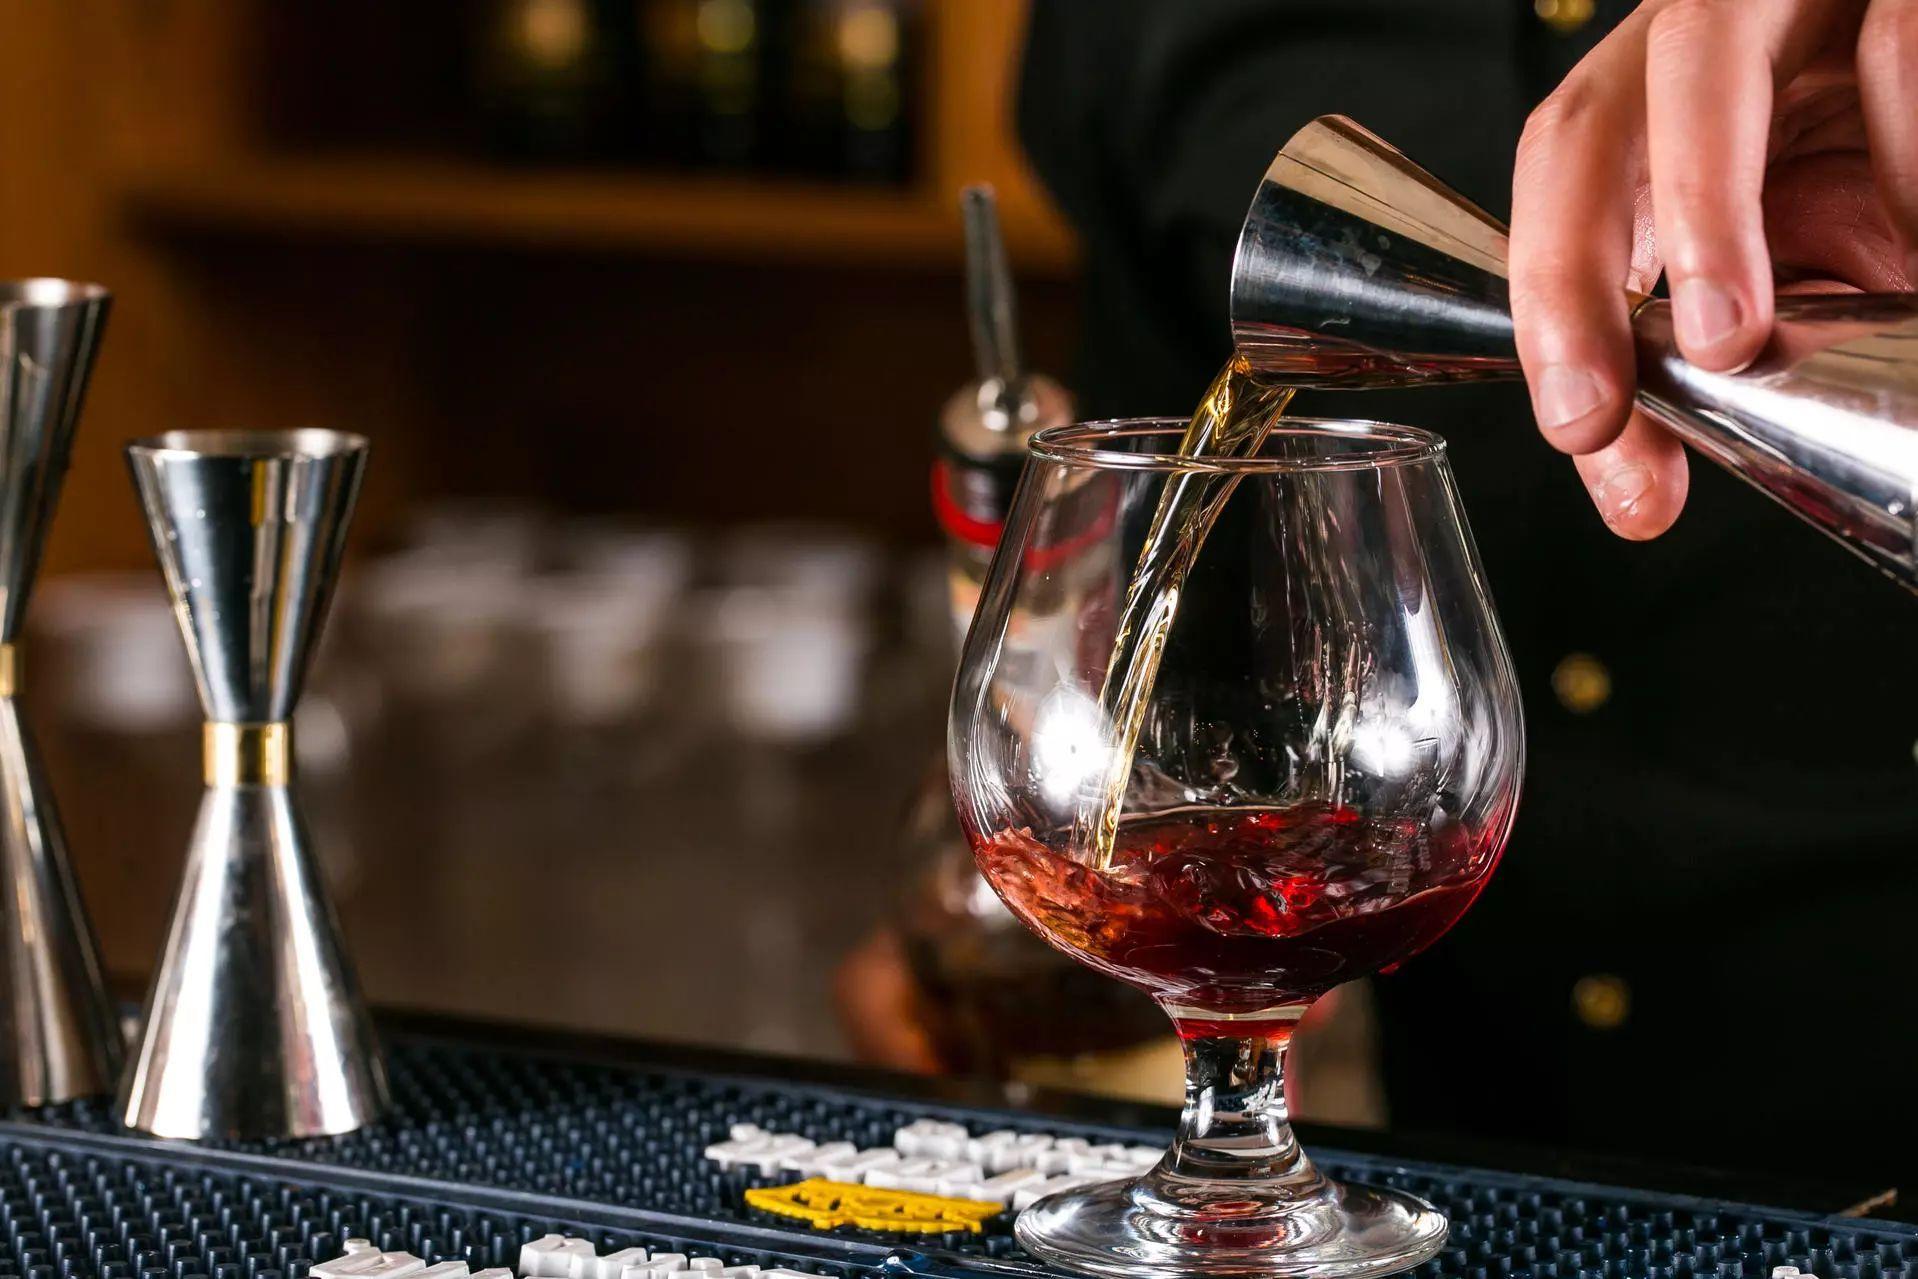 分享下中国白酒和六大烈酒的喝法,别再一口闷了